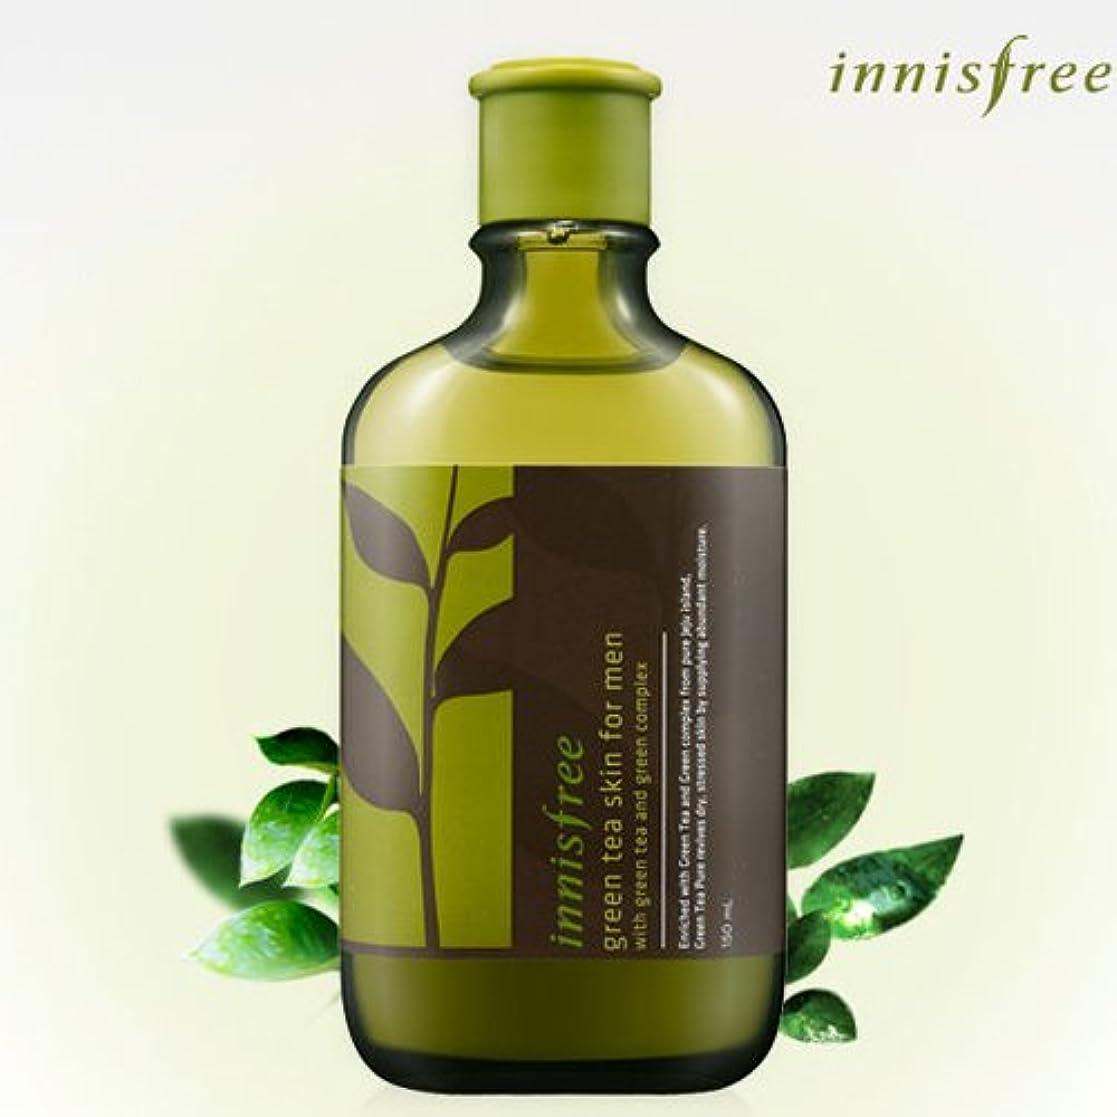 まとめる前任者追い払う[INNISFREE]イニスフリーグリーンティースキンフォーメン150ml green tea skin FOR MEN 150ml [並行輸入品]